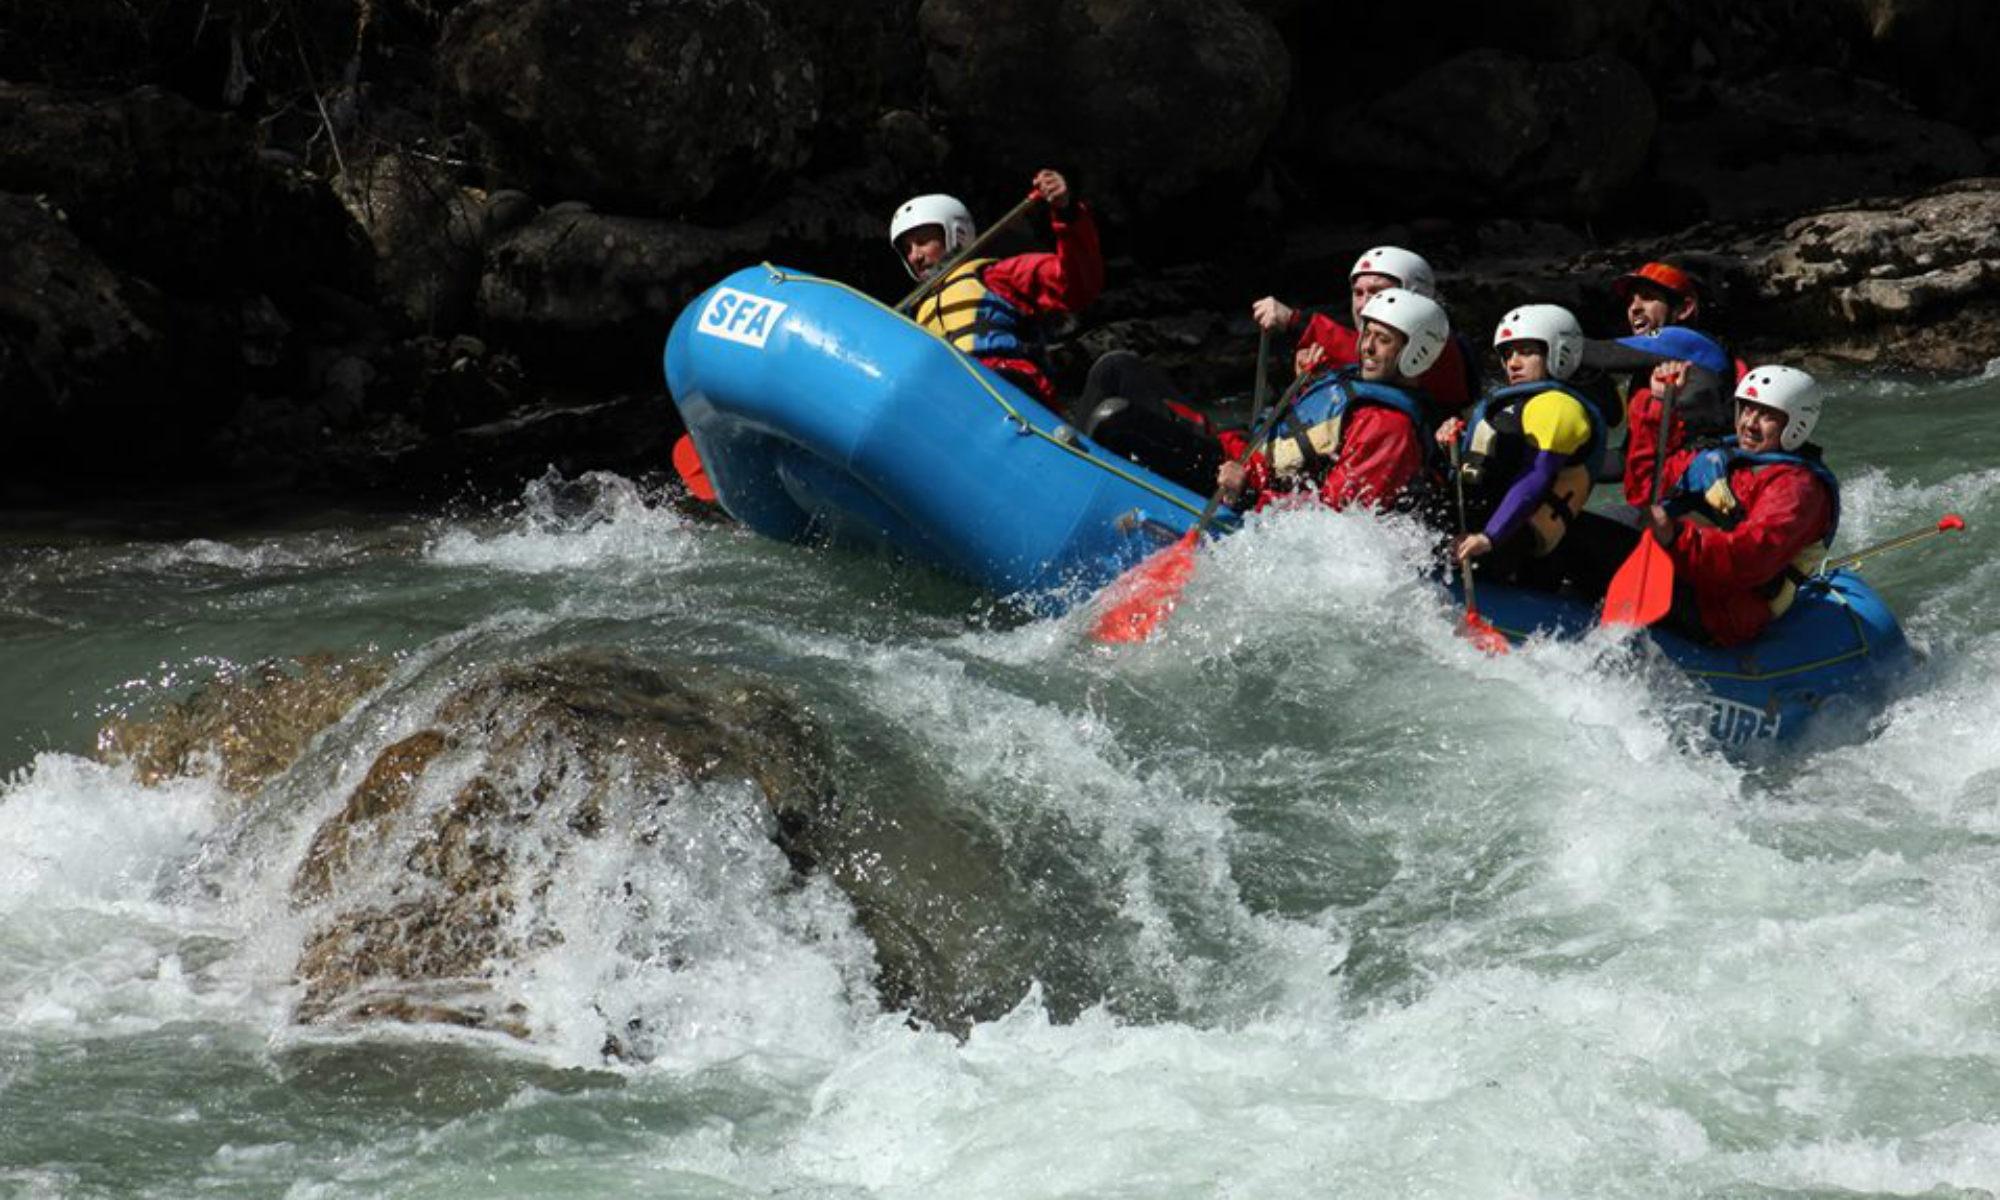 Un groupe dans les rapides du río Esera en Espagne.